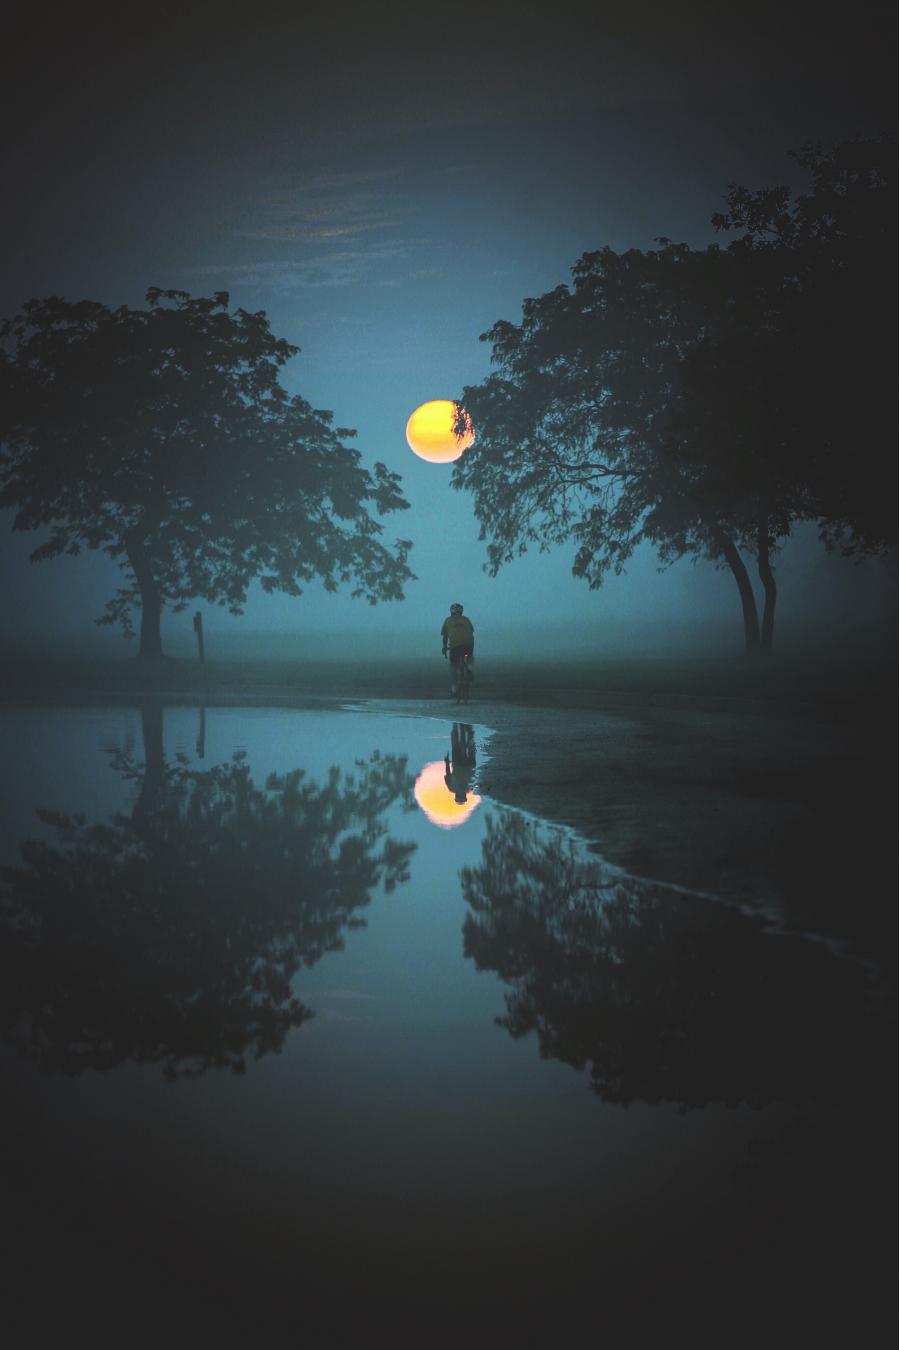 Cele mai frumoase ipostaze ale lunii, in poze superbe - Poza 18